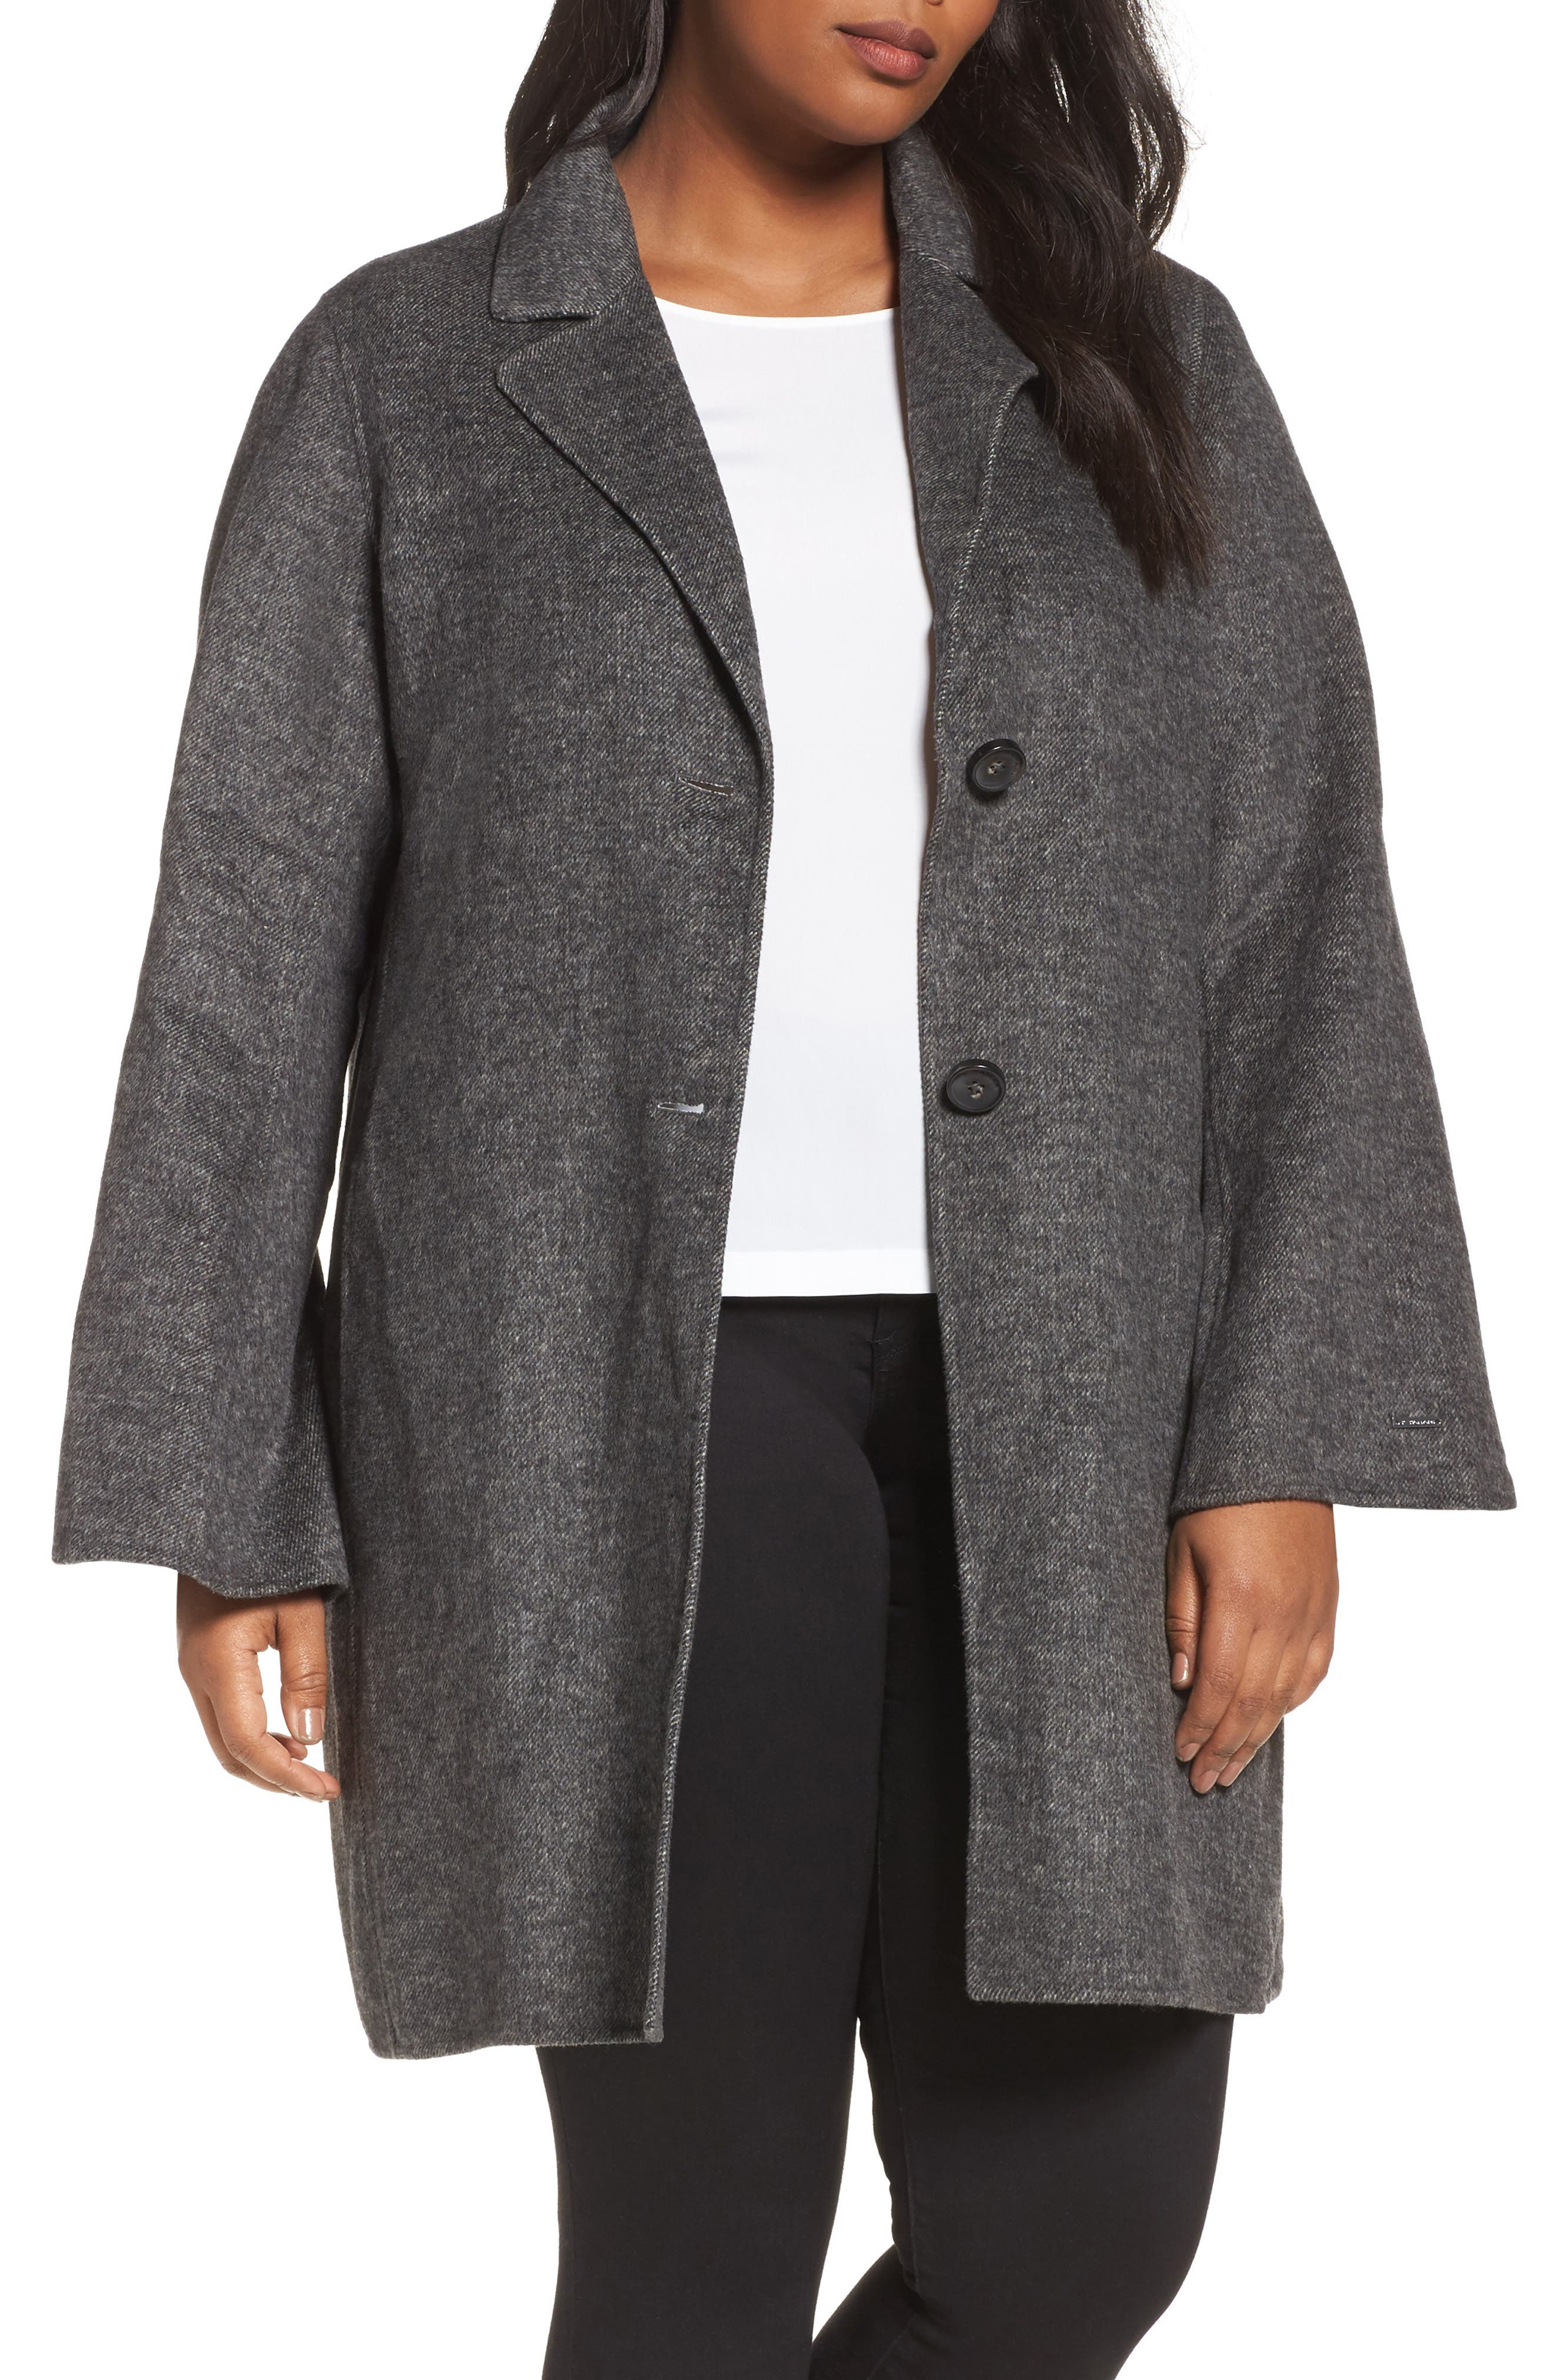 Alternate Image 1 Selected - Tahari Jayden Car Coat (Plus Size)